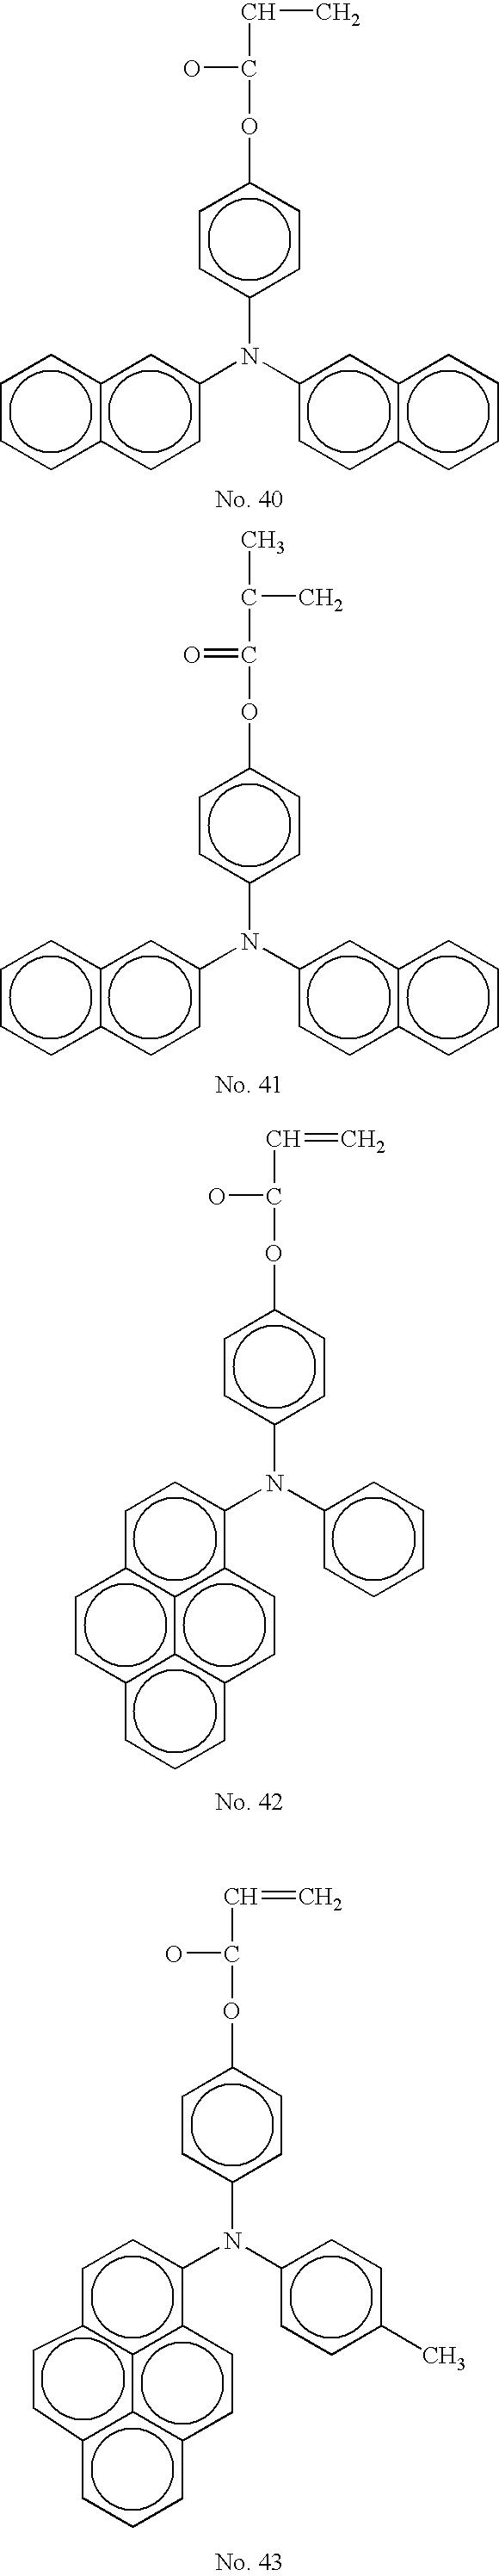 Figure US20070196749A1-20070823-C00016